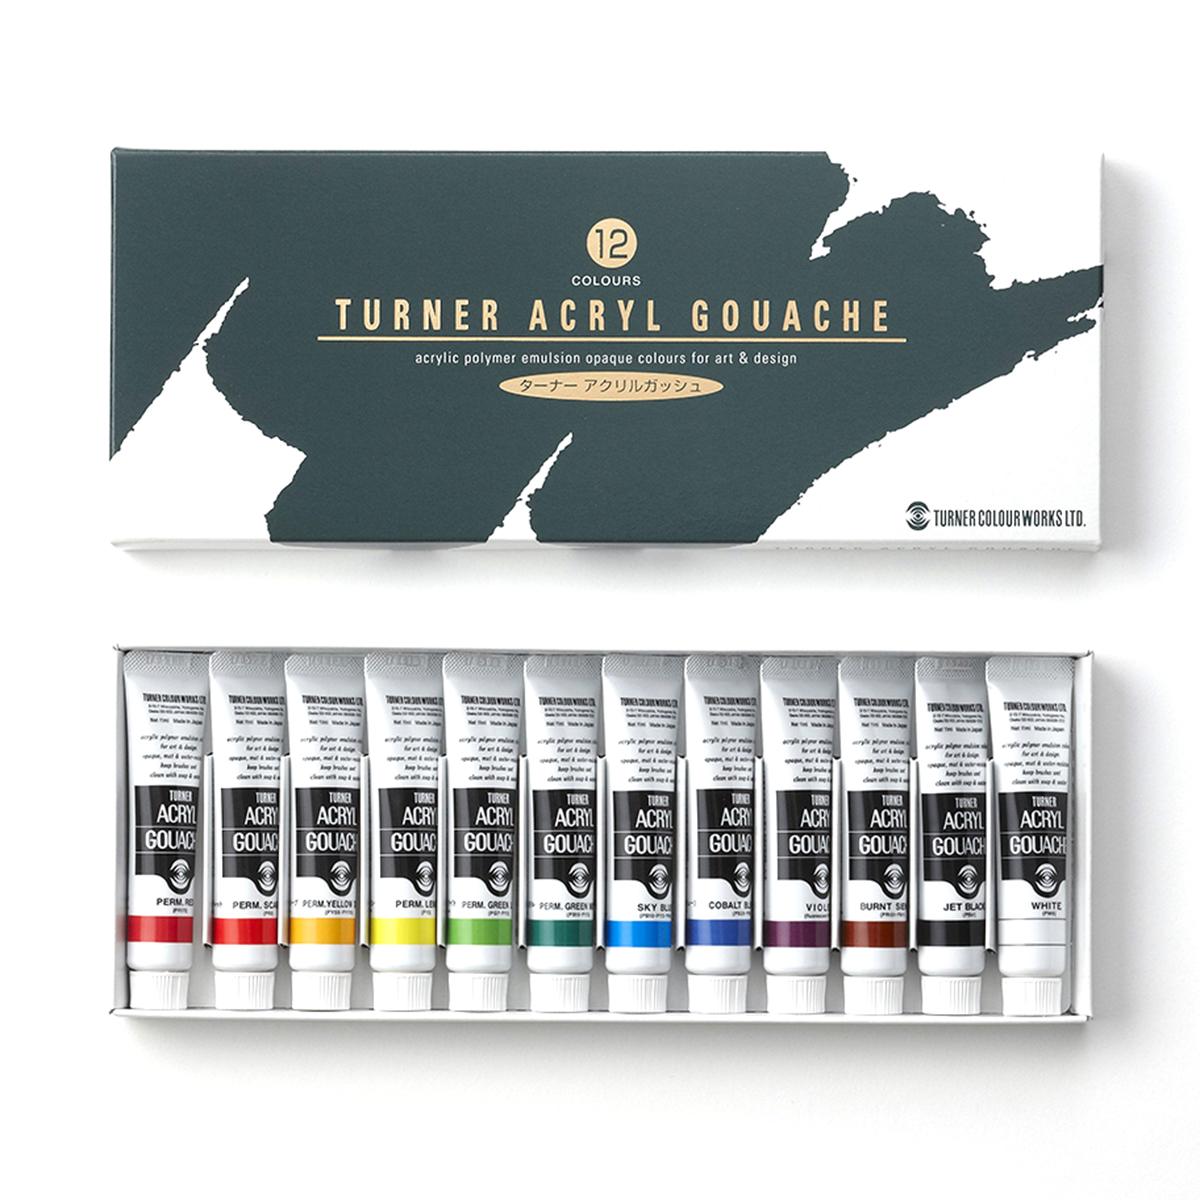 アクリル絵具の定番 ターナー 贈答品 アクリルガッシュ11ml AG12C 大幅にプライスダウン 12色セット